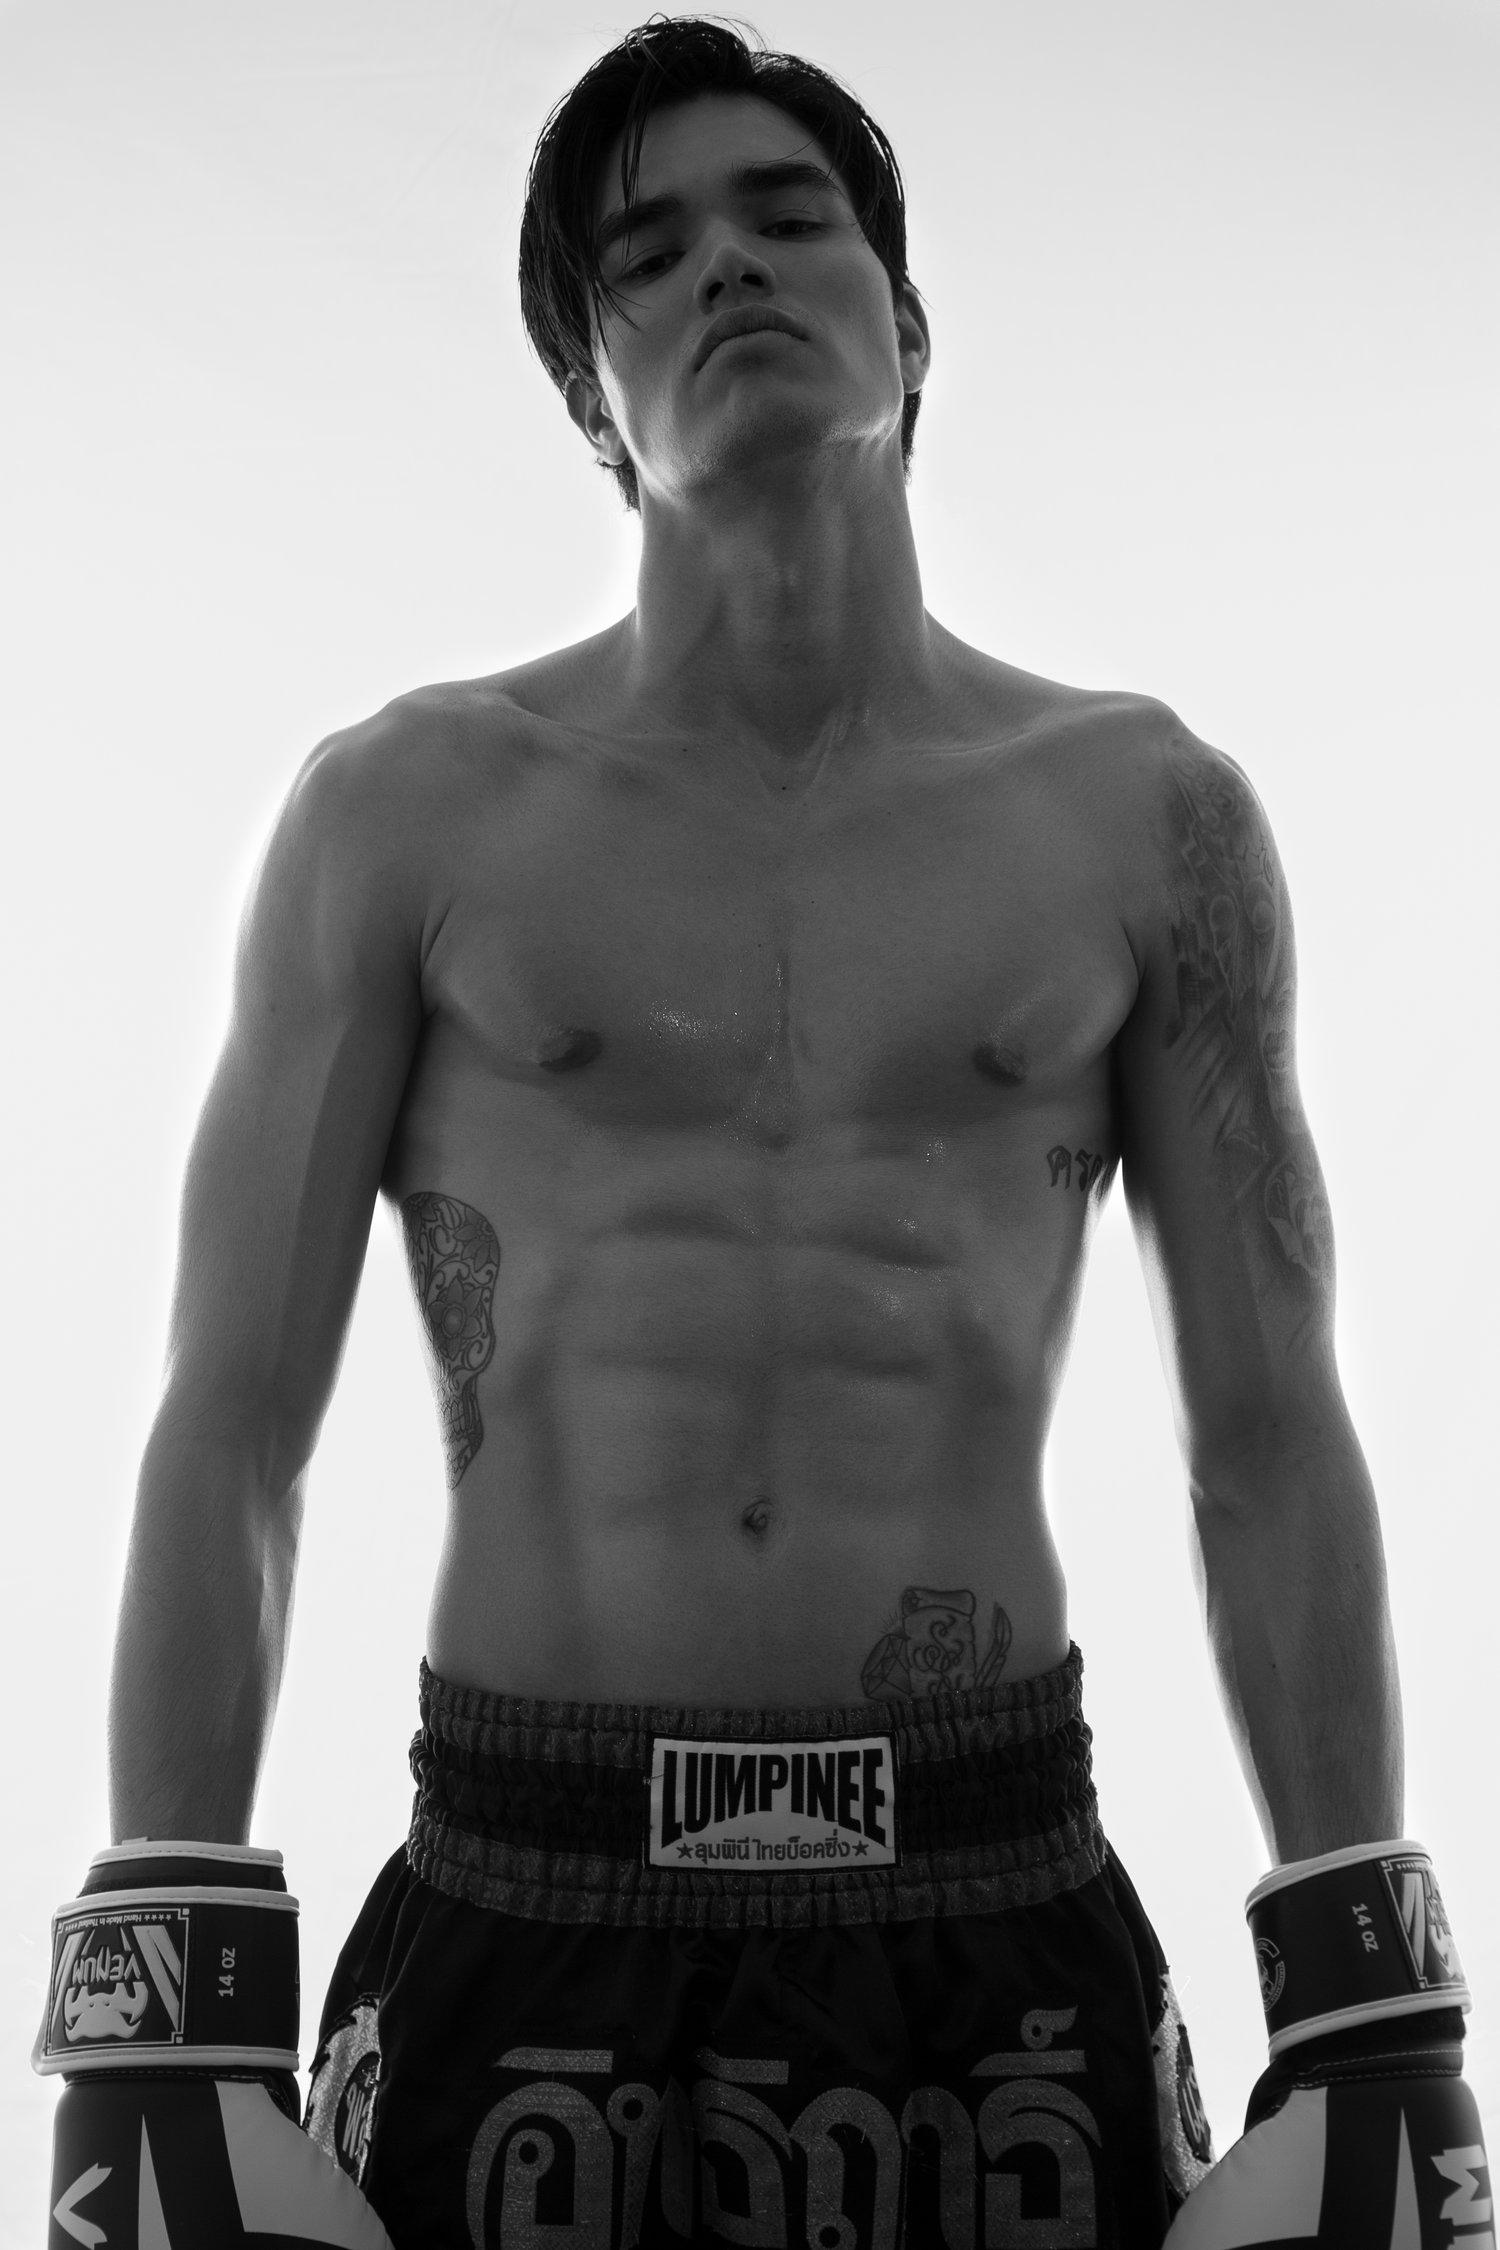 Adon Exclusive: Model Natthanon Miritello By Daniele Dentamaro